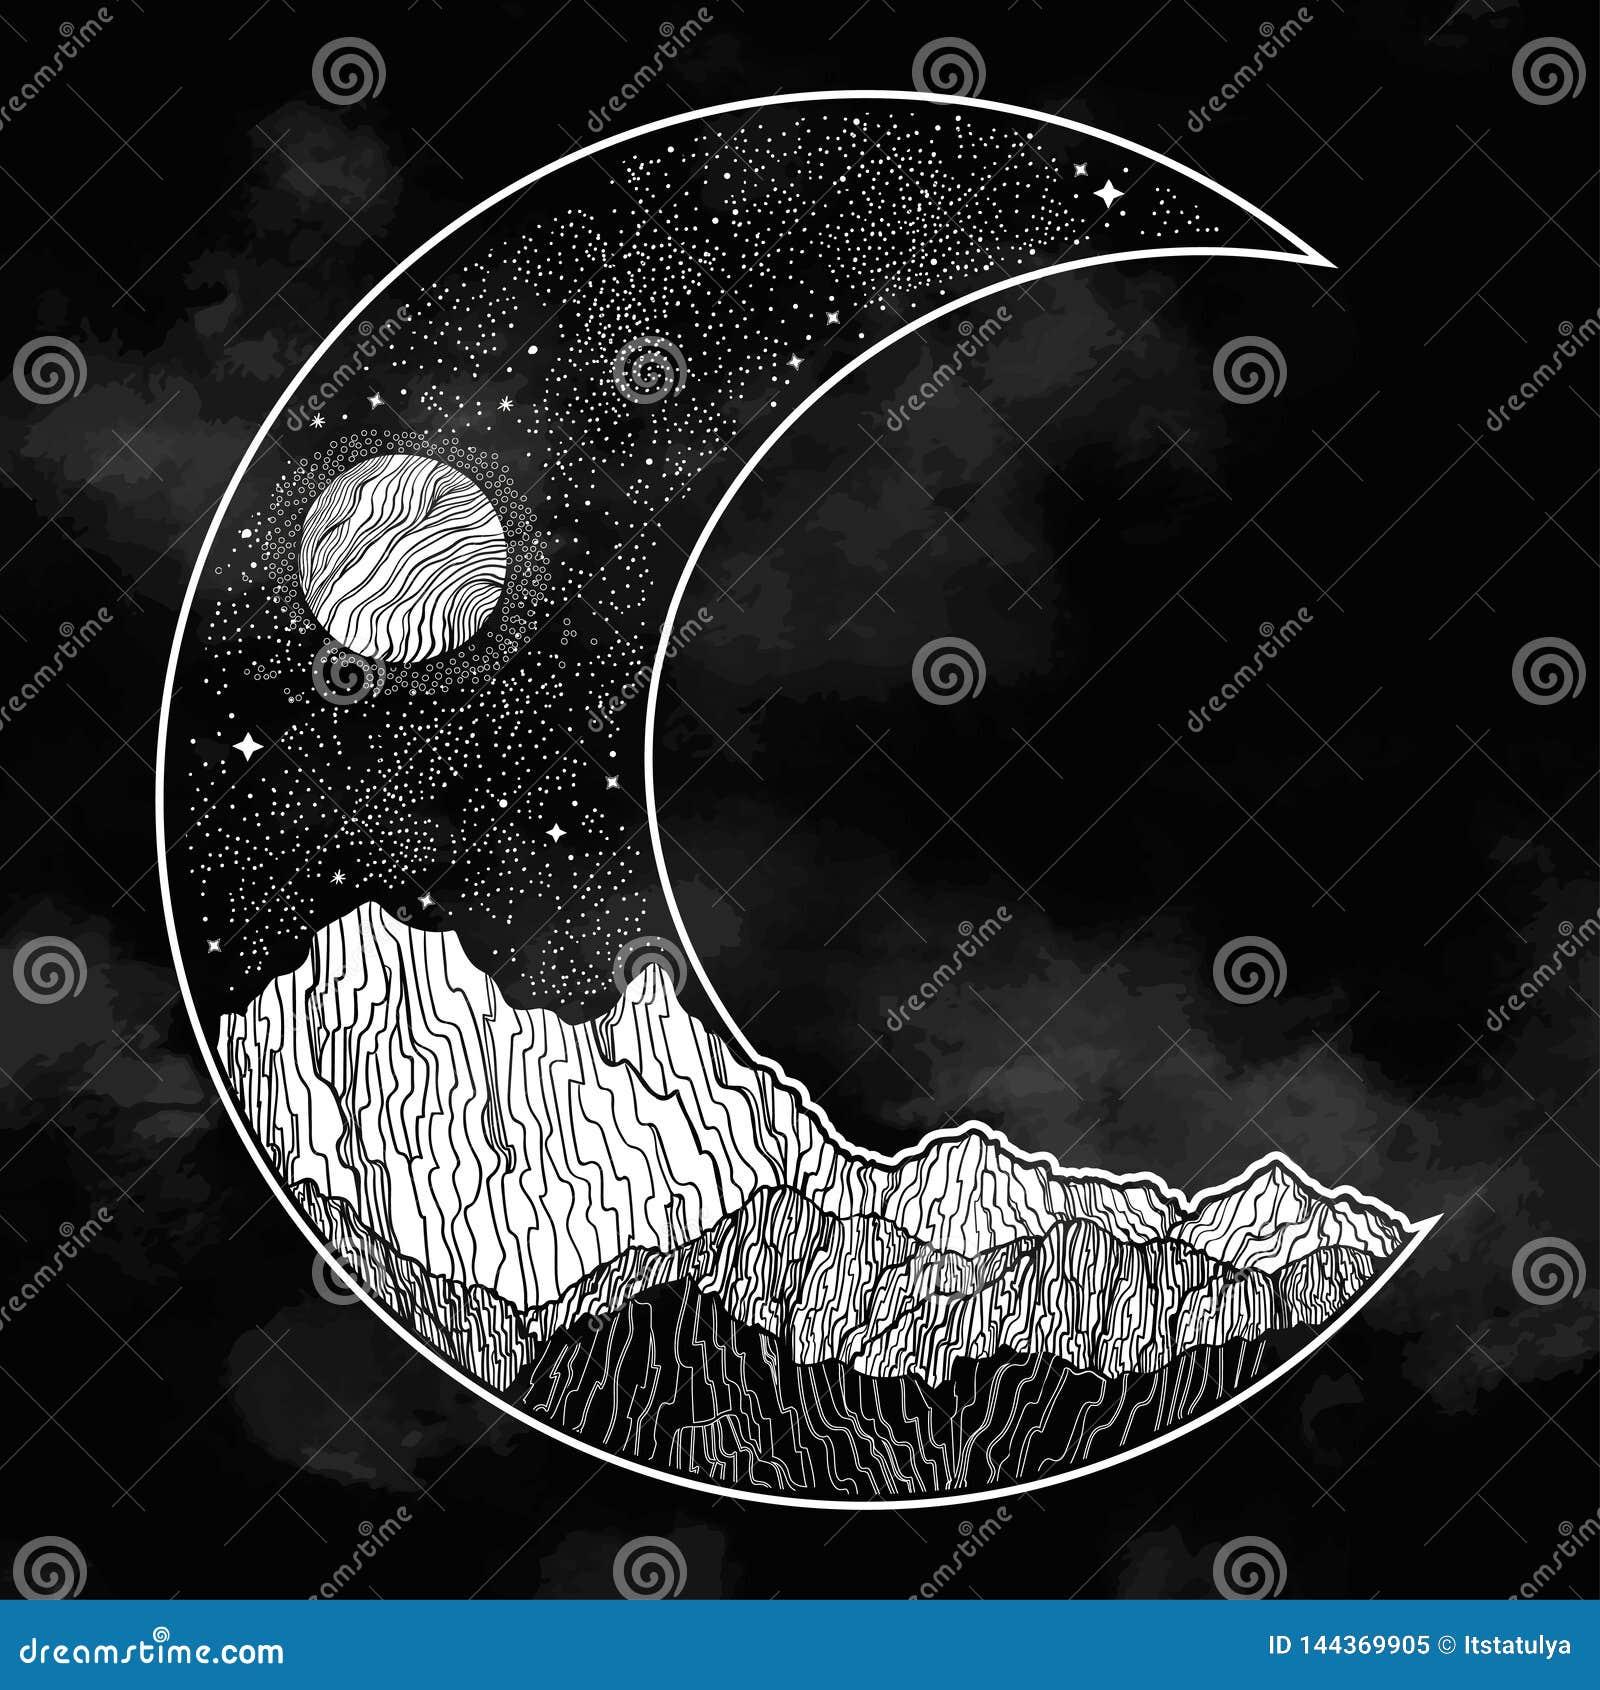 Νυχτερινός ουρανός και τοπίο βουνών υπό μορφή ημισεληνοειδούς φεγγαριού : Πρόσκληση Δερματοστιξία